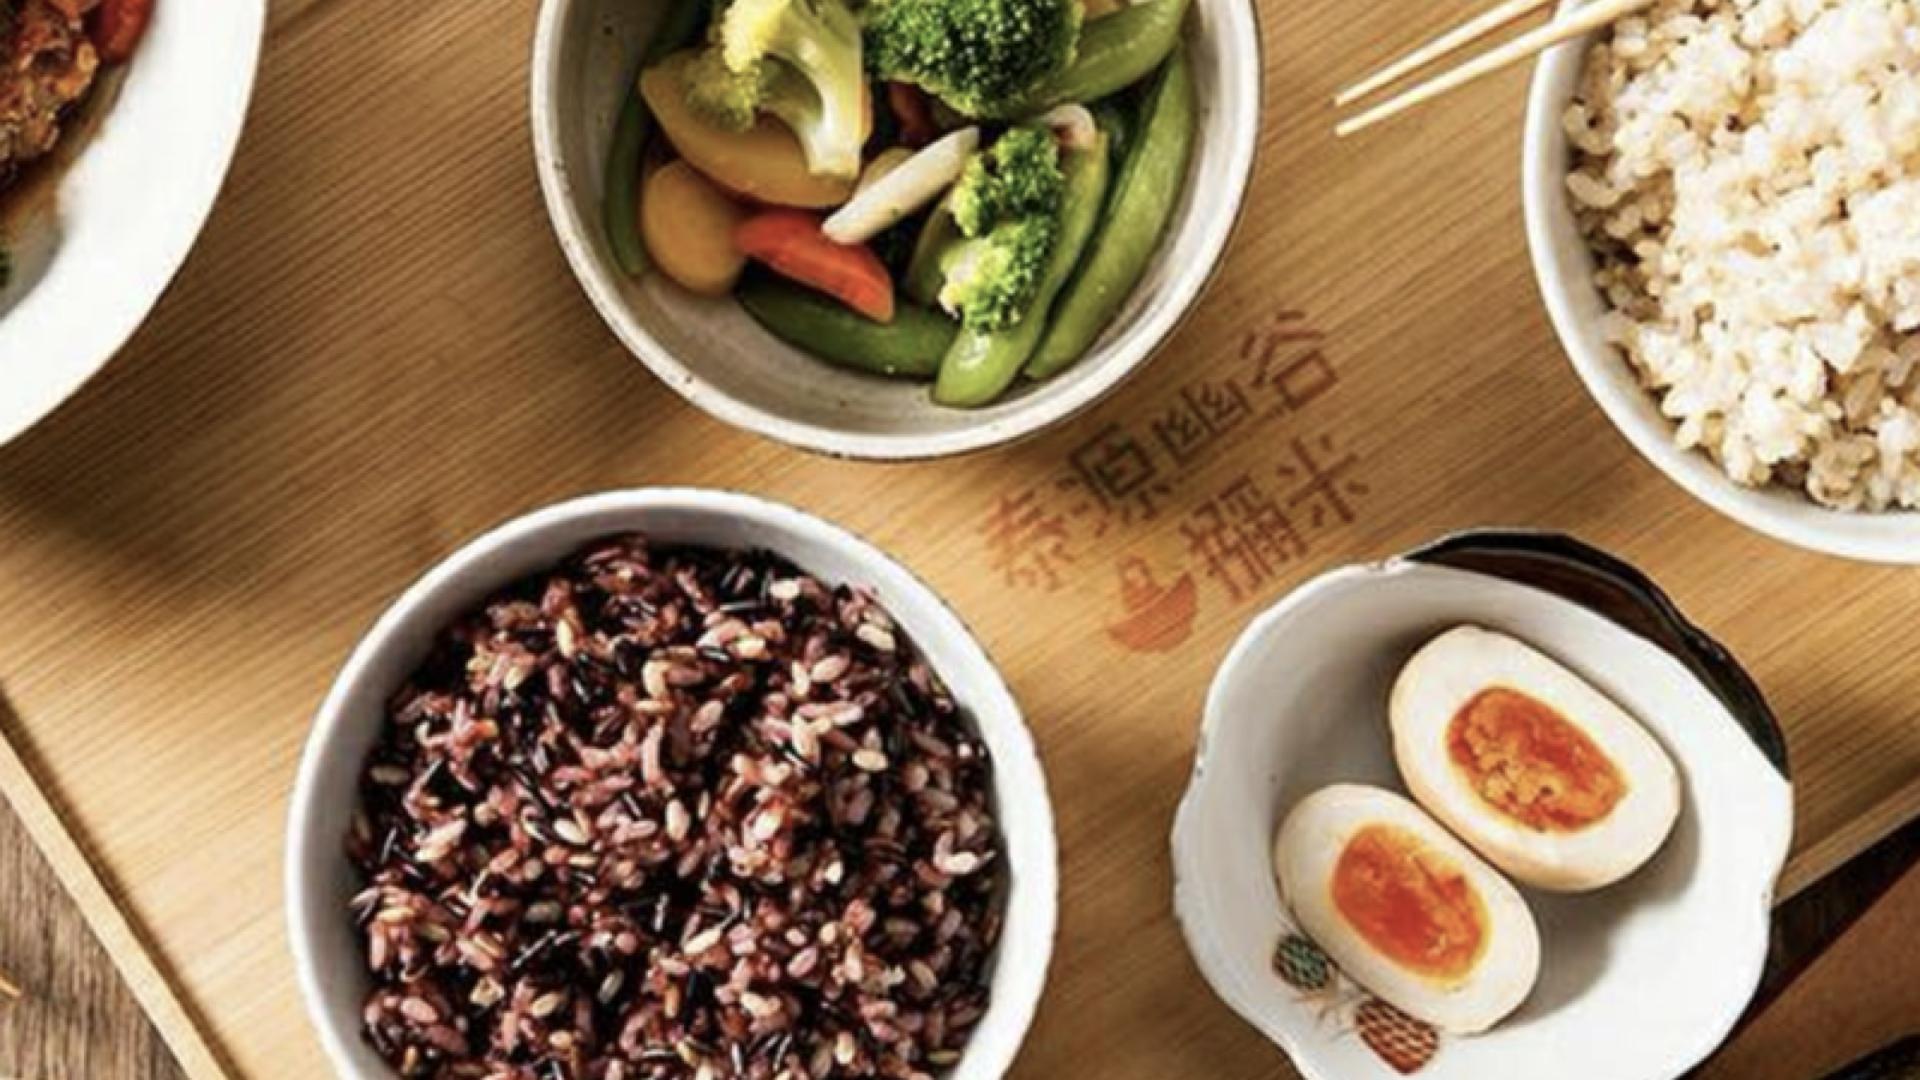 一碗獼米的能量五鑽米的飯、一盤花椰菜跟一顆溏心蛋放在印有獼米LOGO的餐盤上